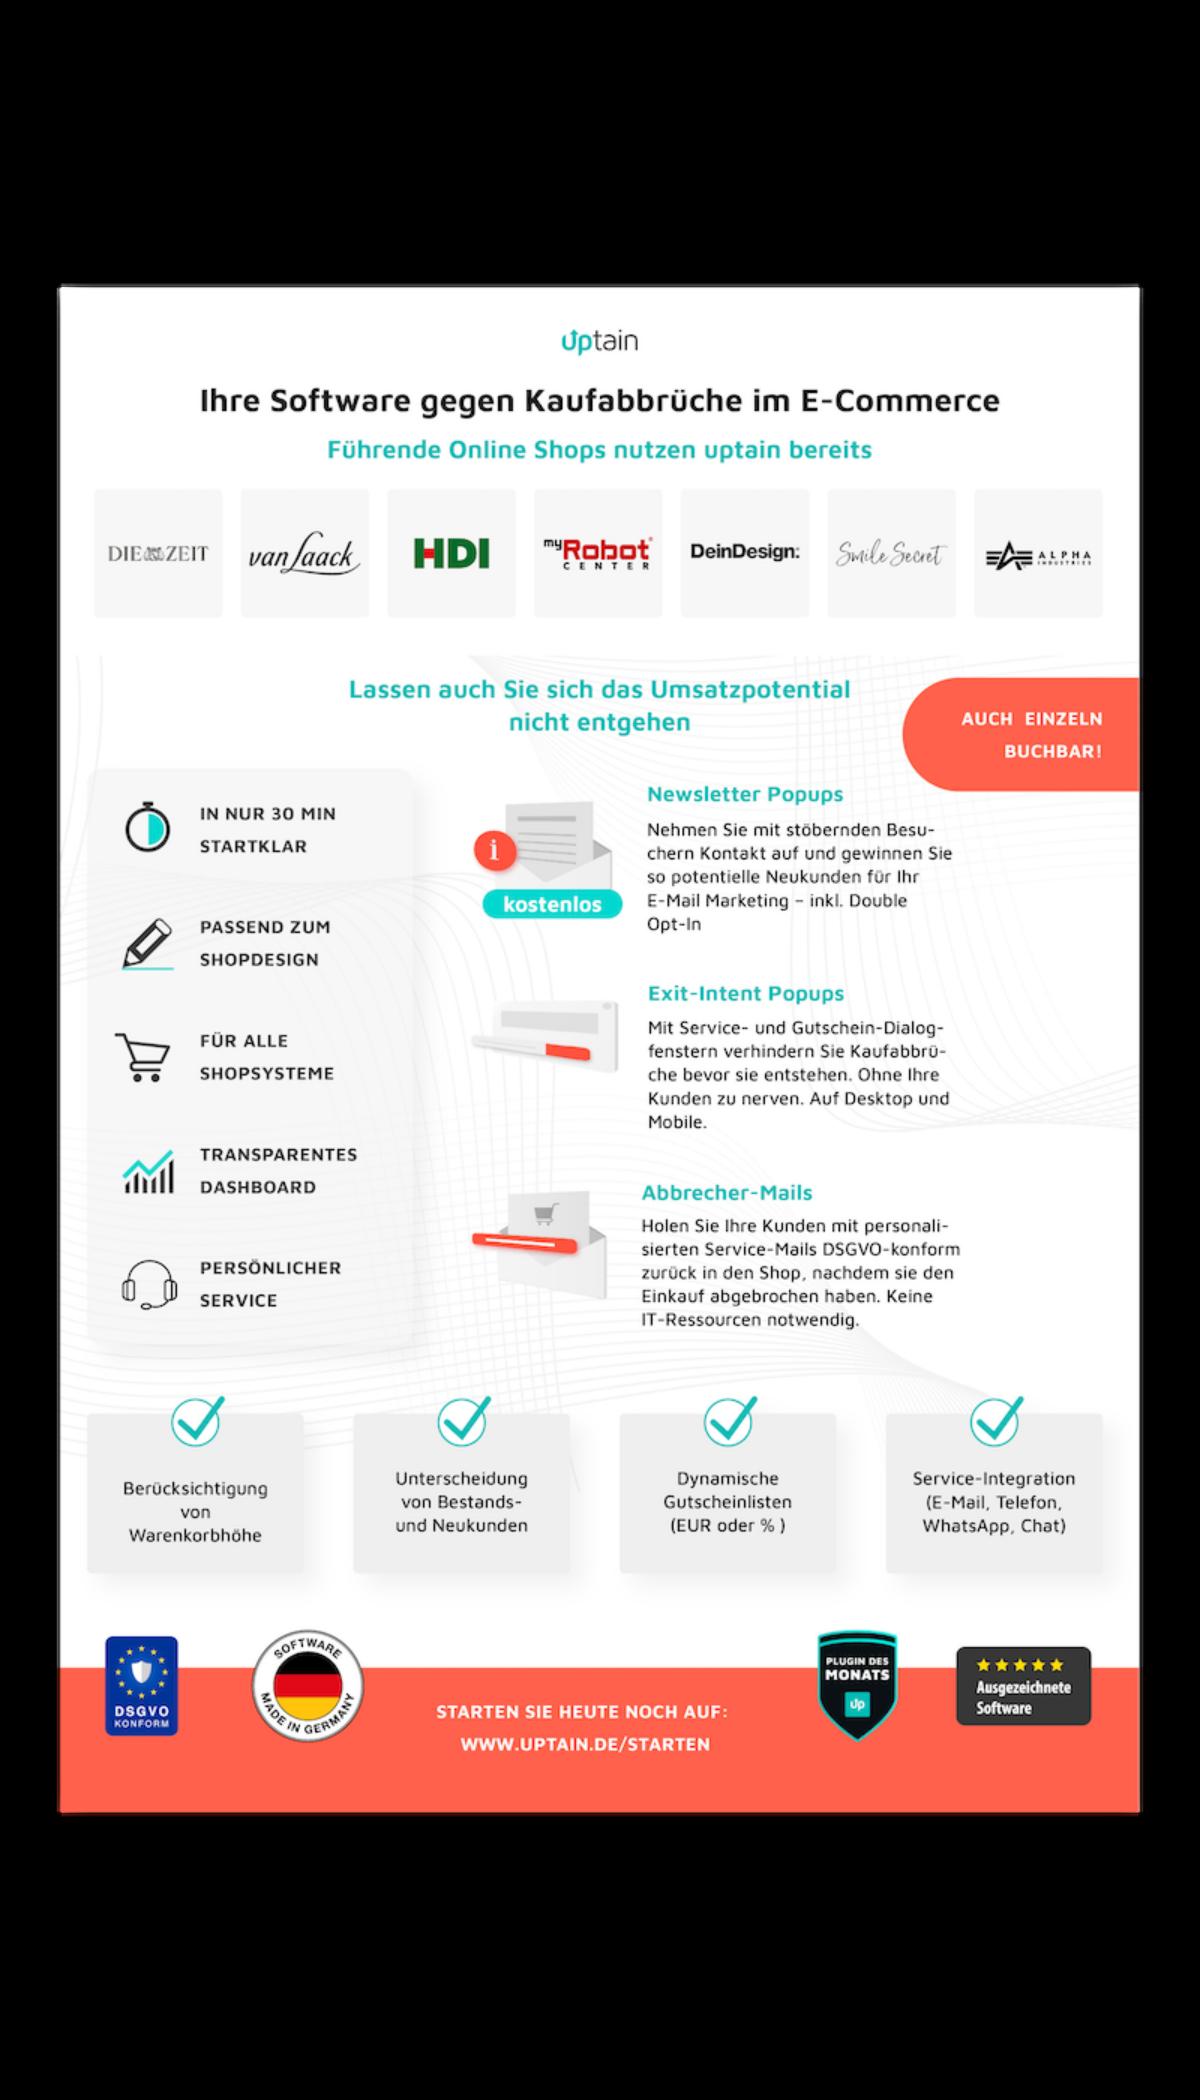 uptain Software gegen Kaufabbrüche in Online Shops